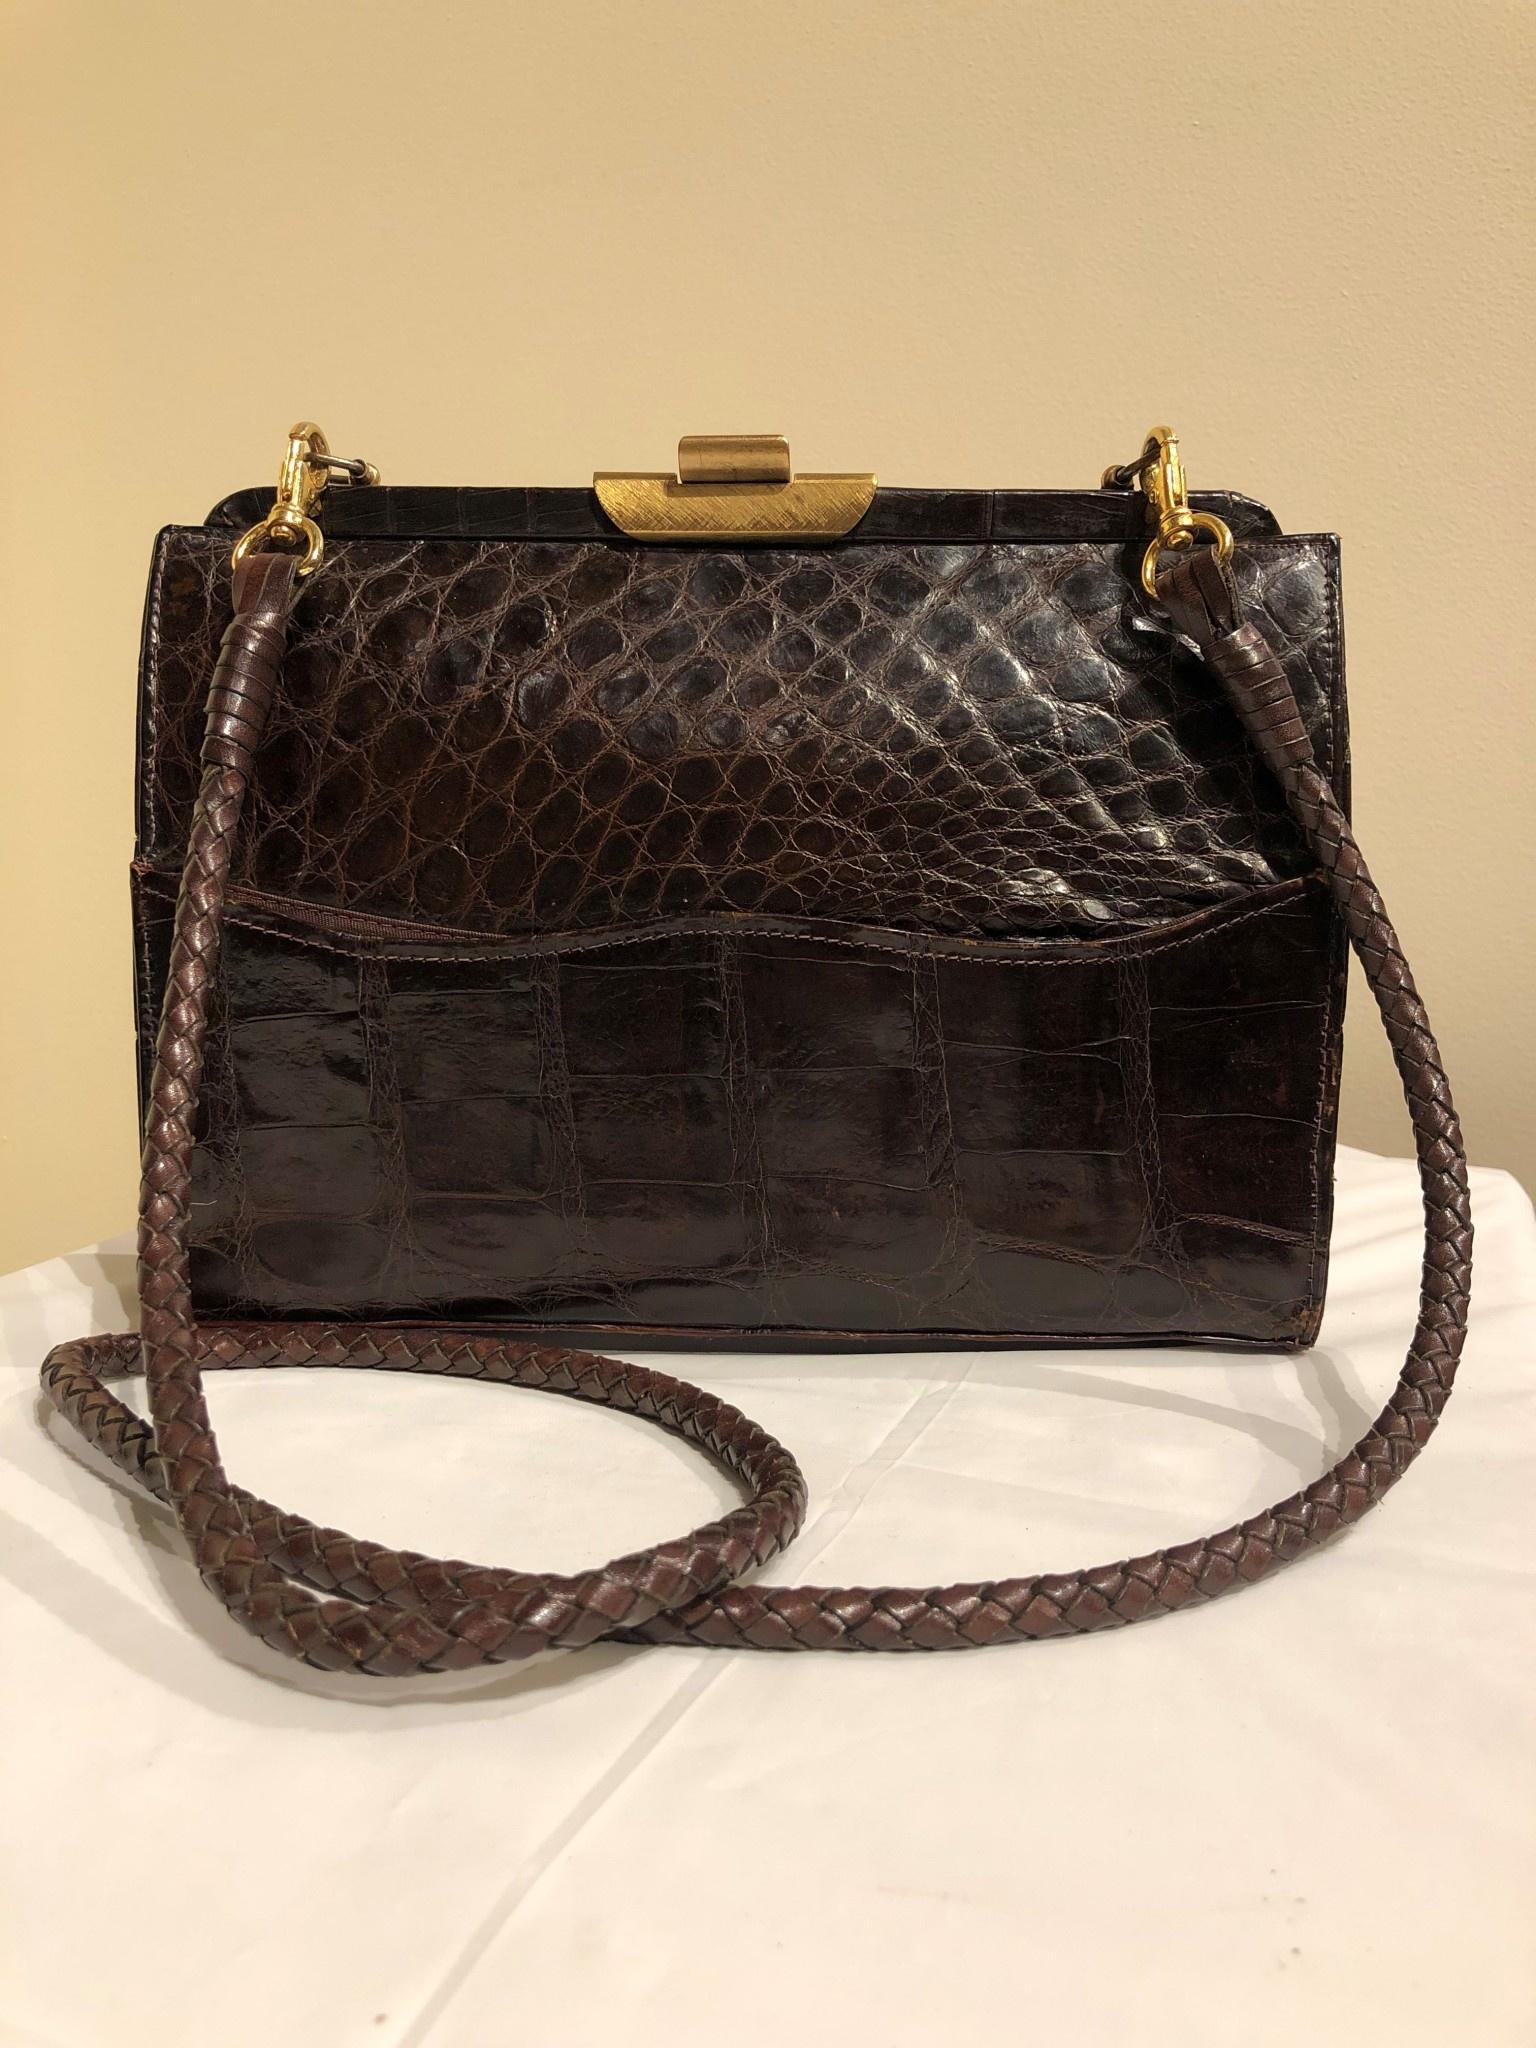 Tuerkes Alligator Leather Purse